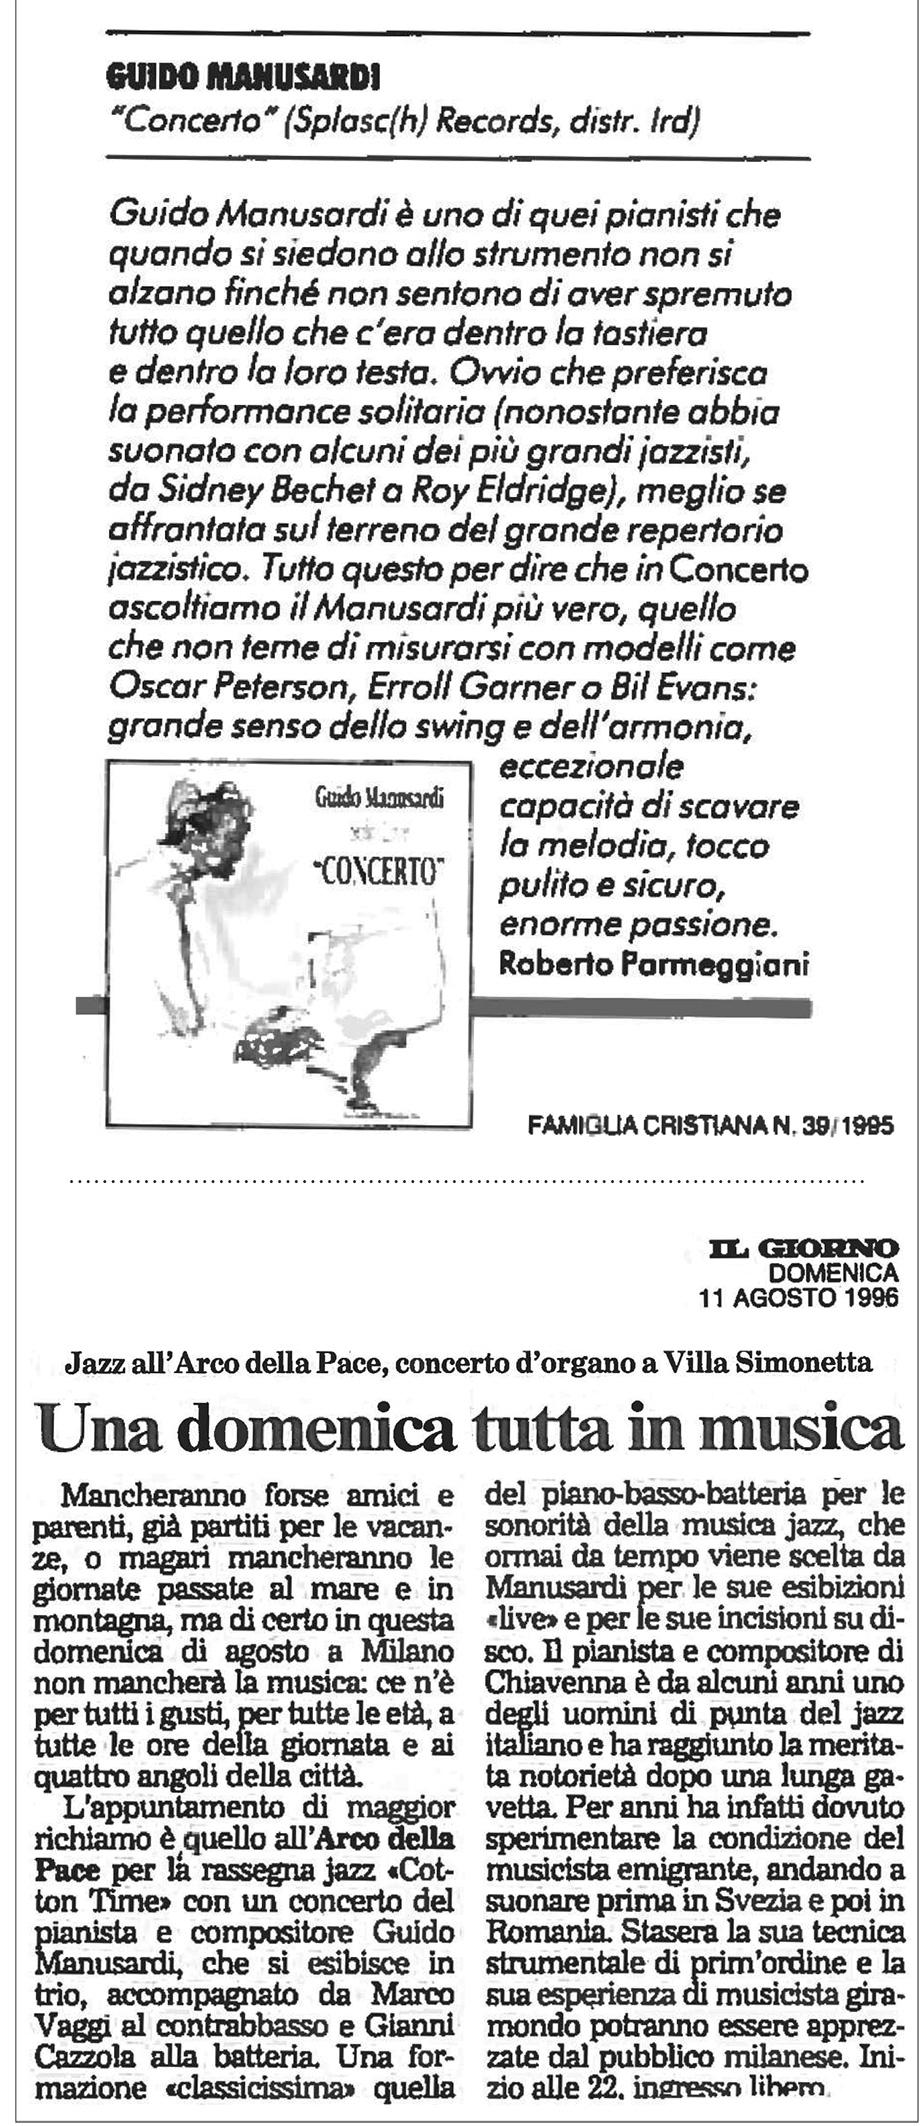 FAMIGLIA CRISTIANA 1995 IL GIORNO 1996